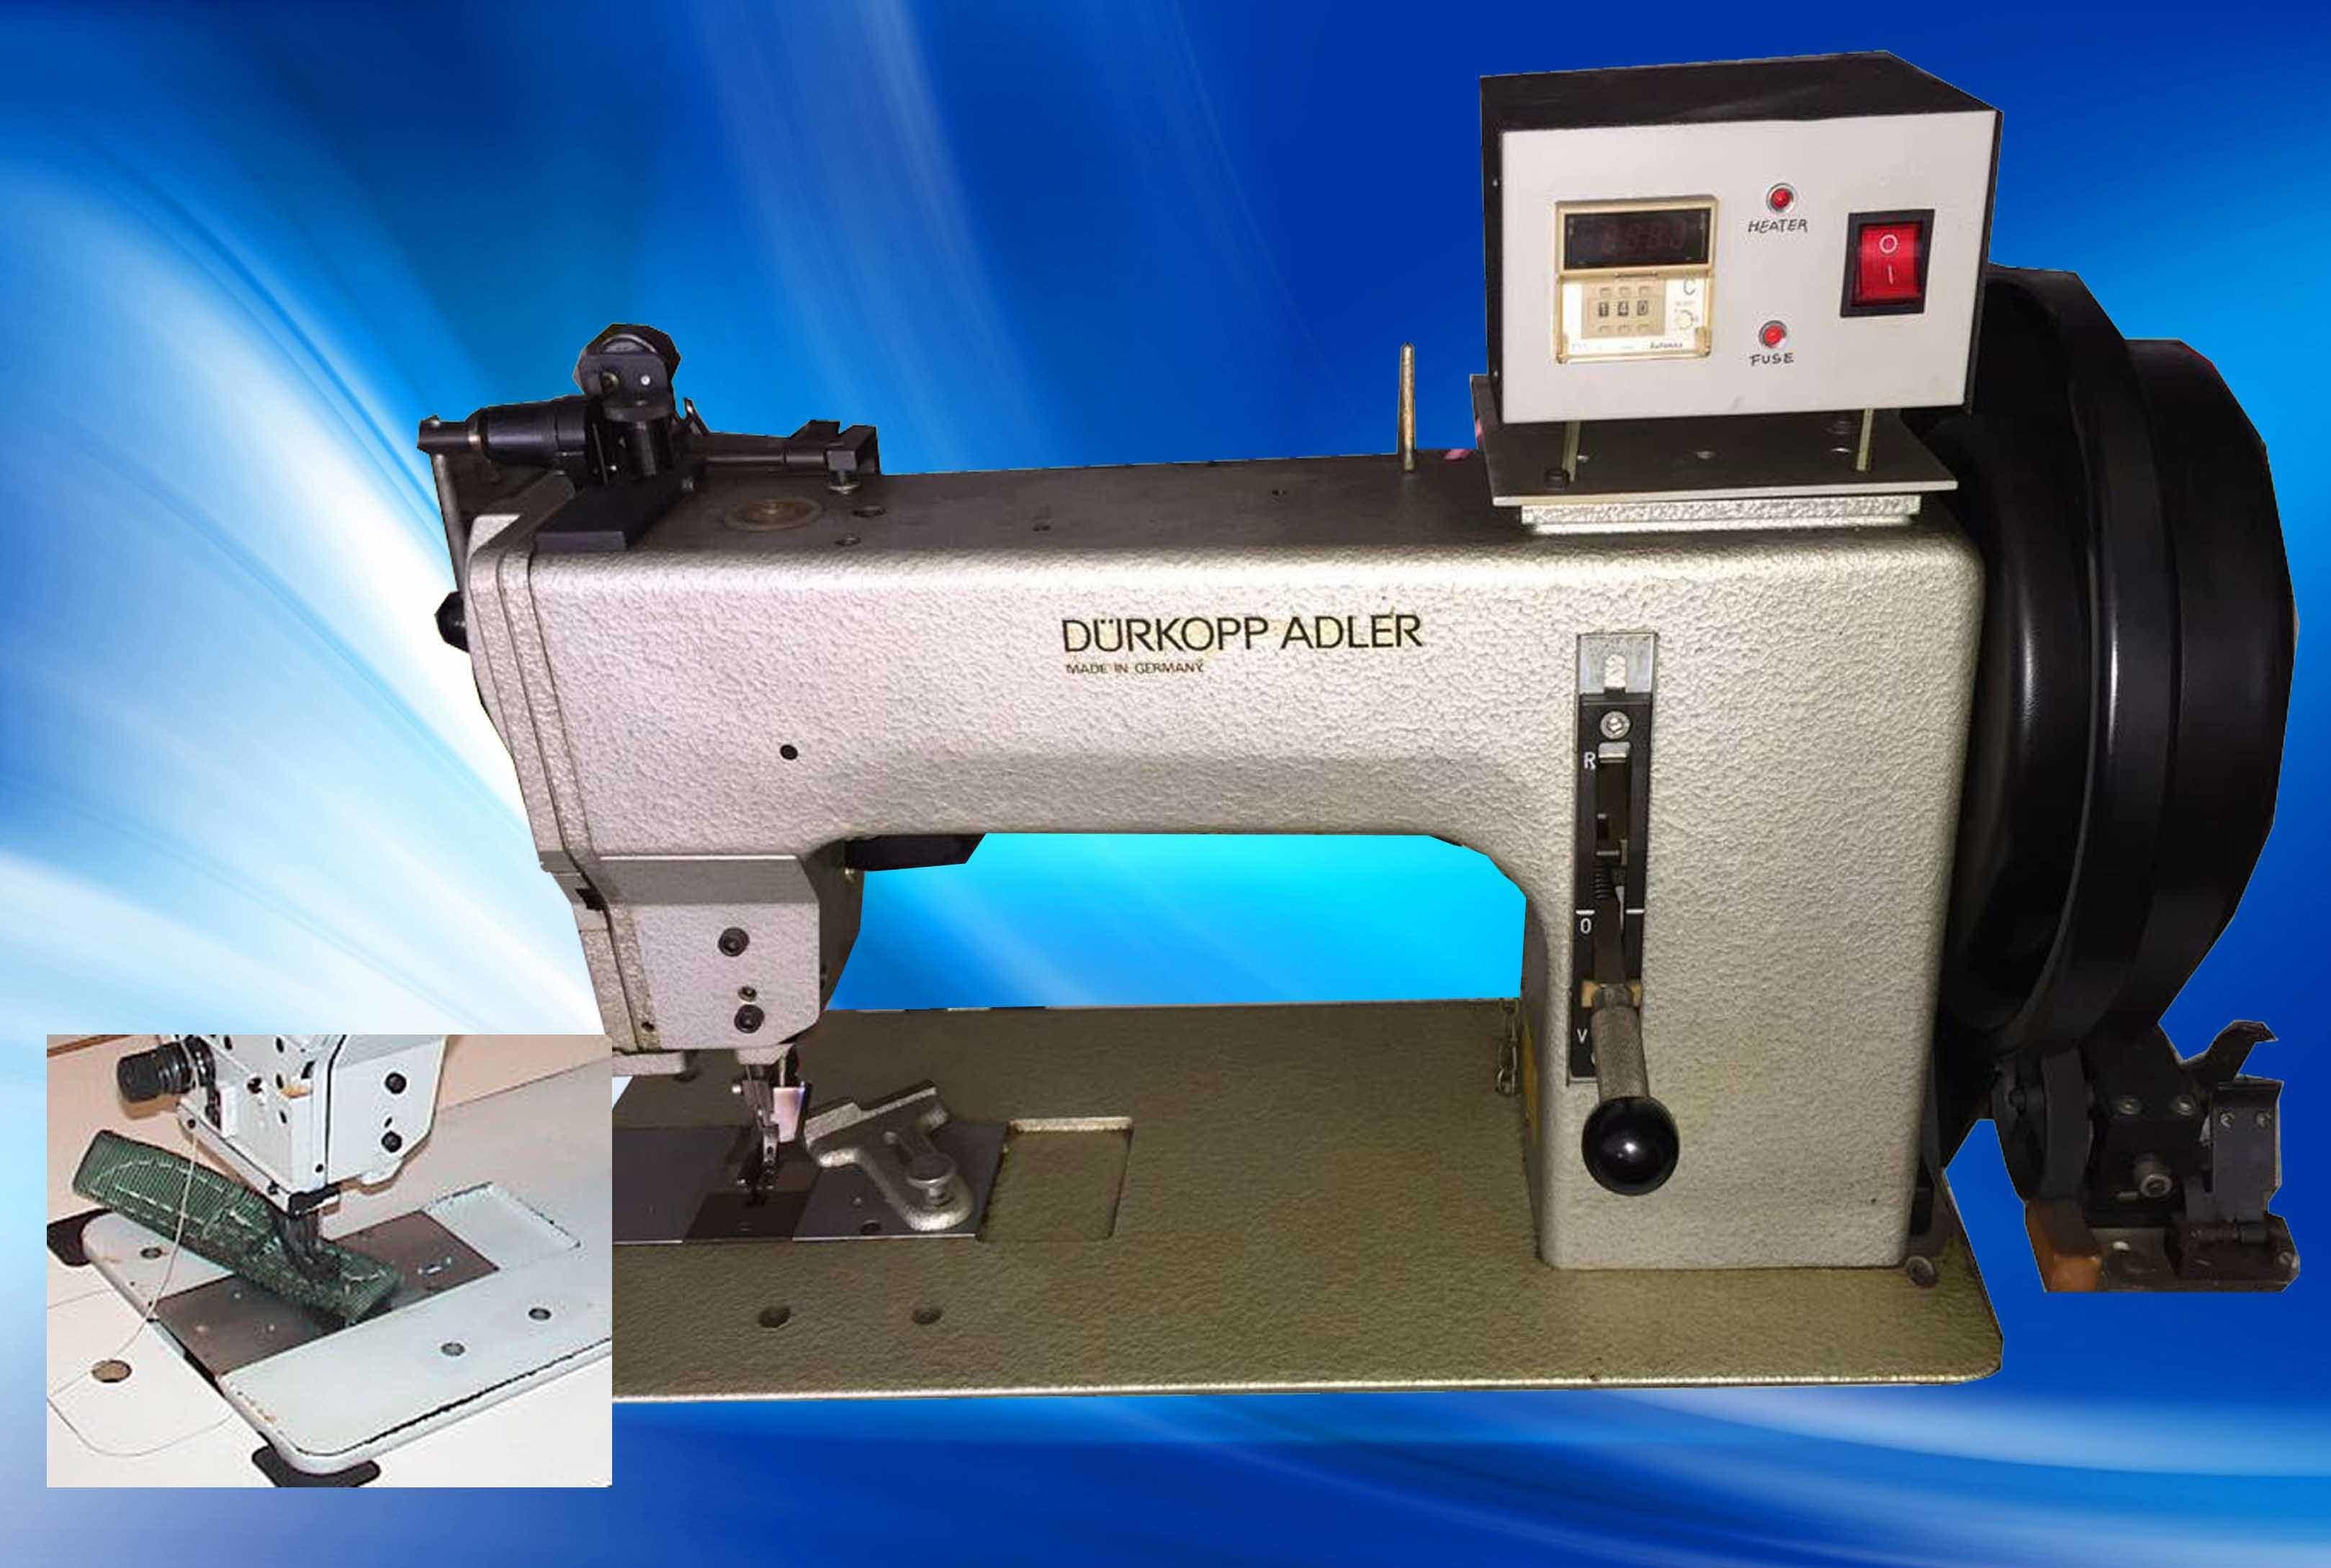 Used Triple Feeding Durkopp Adler Sewing Machine (DA-204)